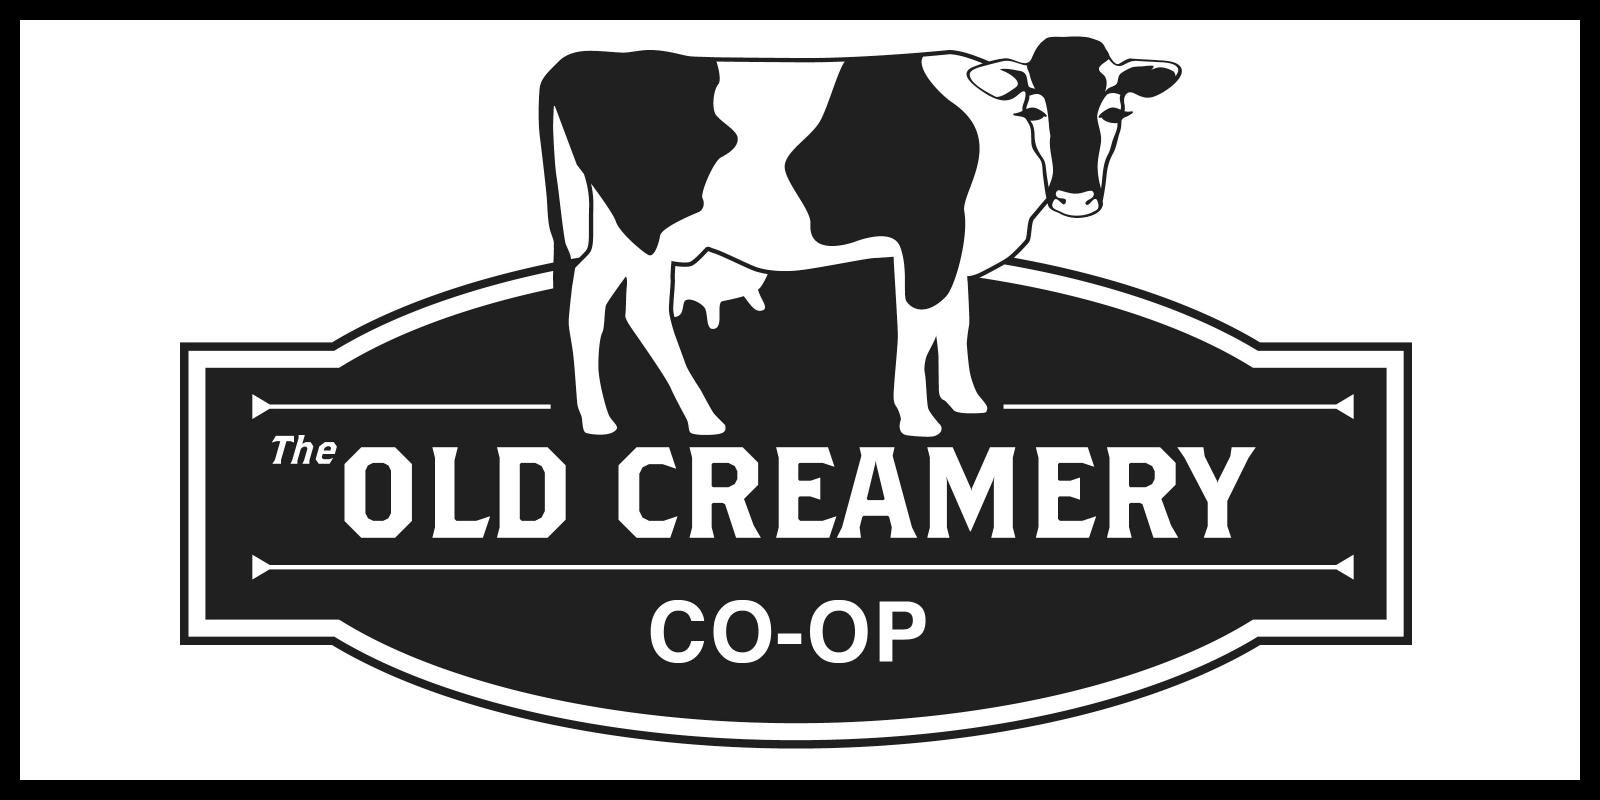 Old Creamery Co-Op in Cummington, MA